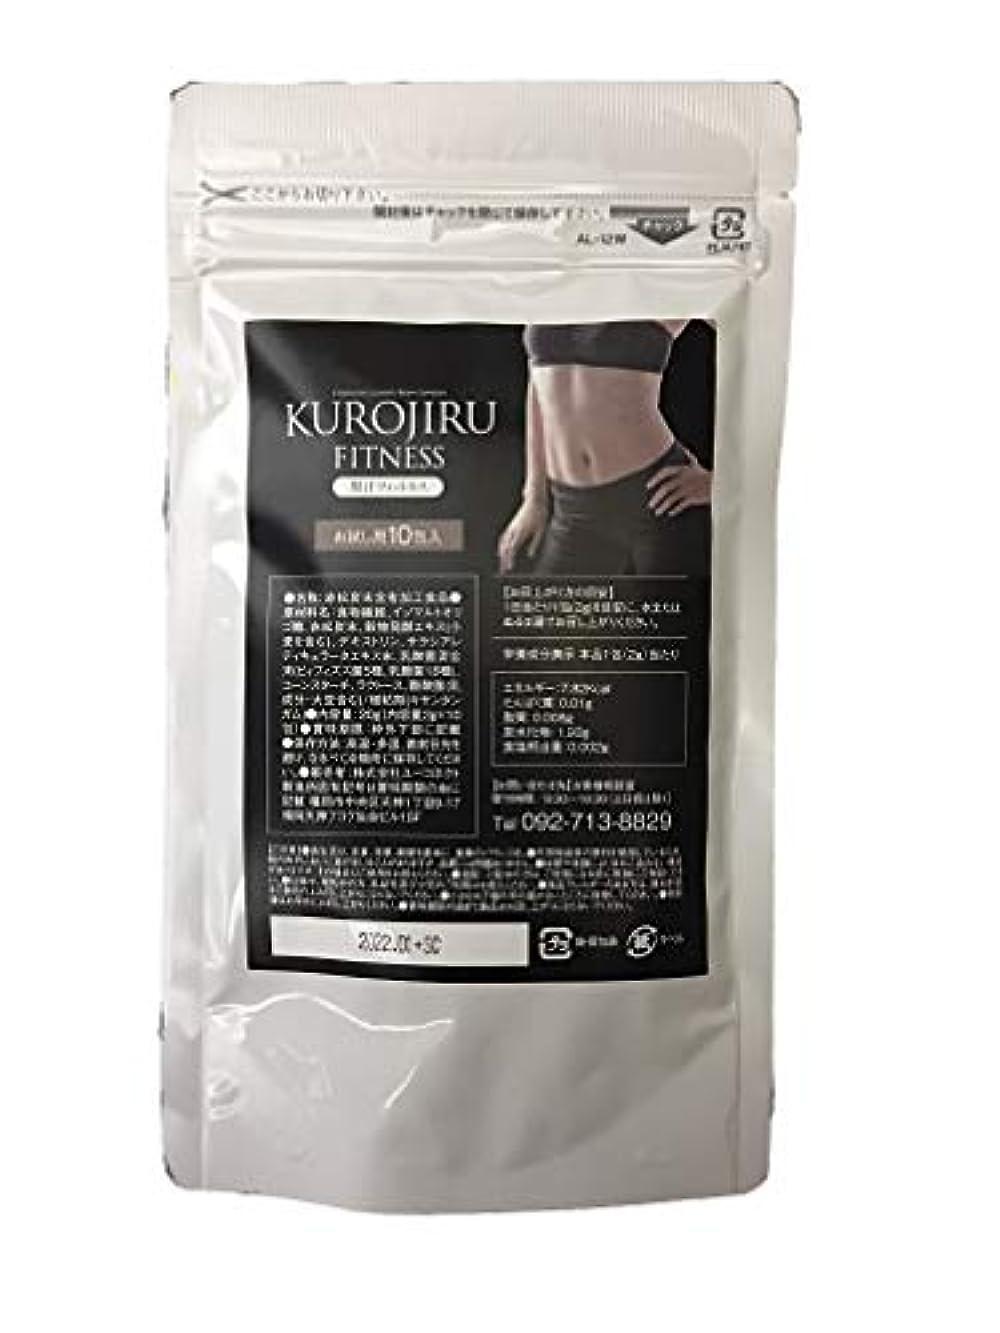 抜け目のない予想する薬黒汁フィットネス(KUROJIRU FITNESS) 10包 チャコールクレンズ 赤松活性炭 オリゴ糖 サラシアエキス 酵素